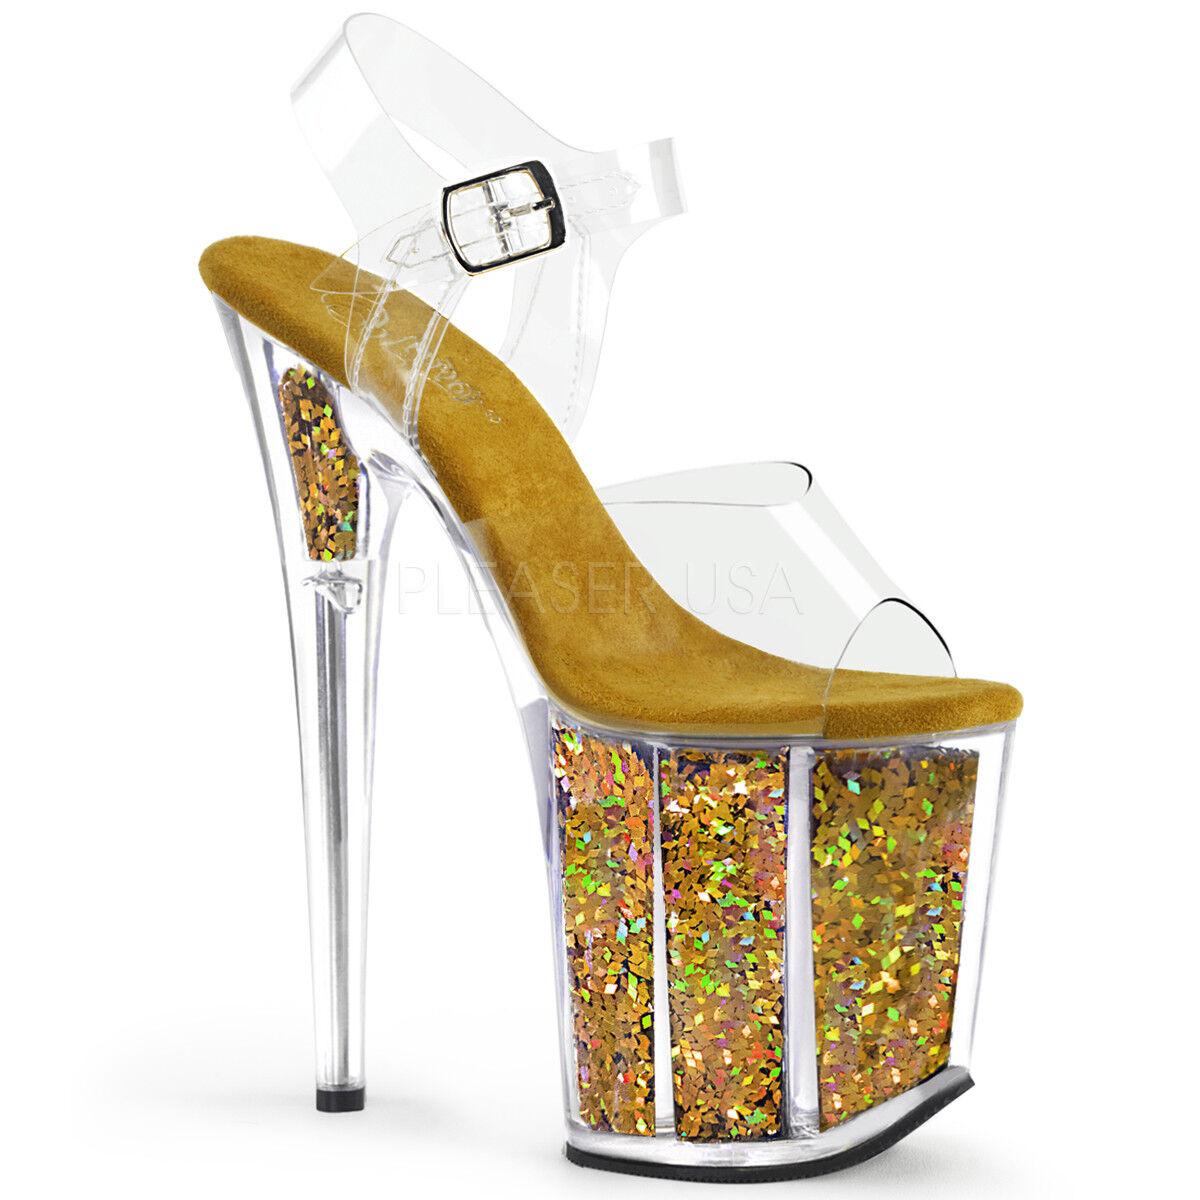 in vendita Pleaser Flamingo - 808GF oro Multi Multi Multi piattaforma Glitter Scarpe Sandali POLE DANCE  economico e di alta qualità